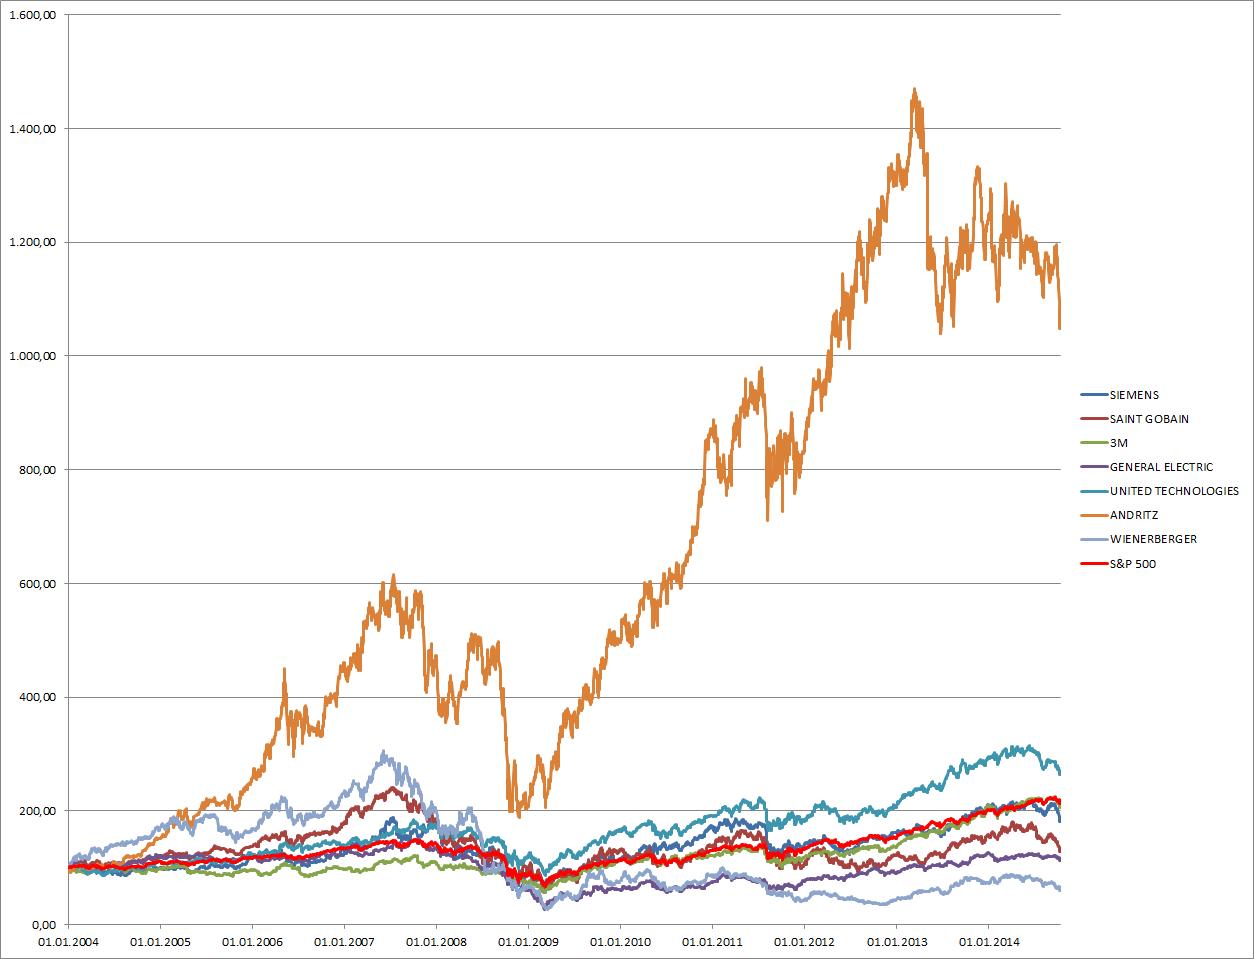 Die Entwicklung der Kurse der verglichenen Unternehmen seit 2004